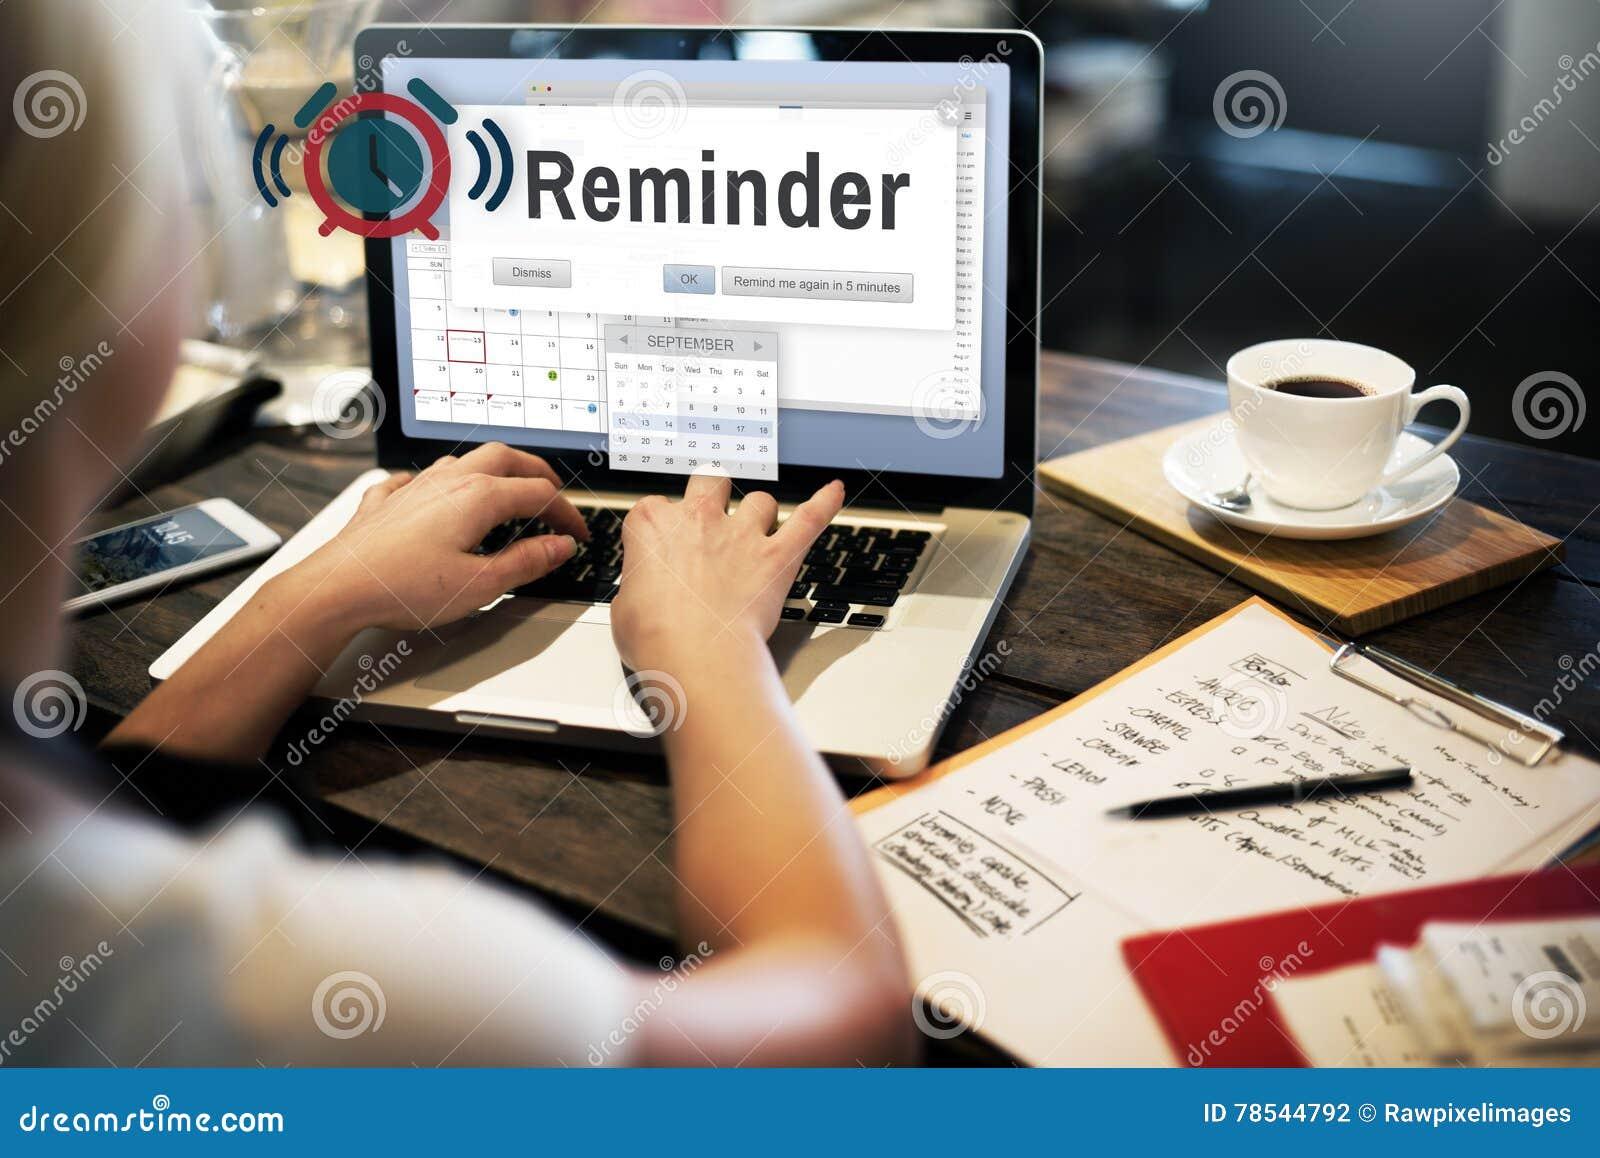 Conceito do evento do calendário do planejador do lembrete